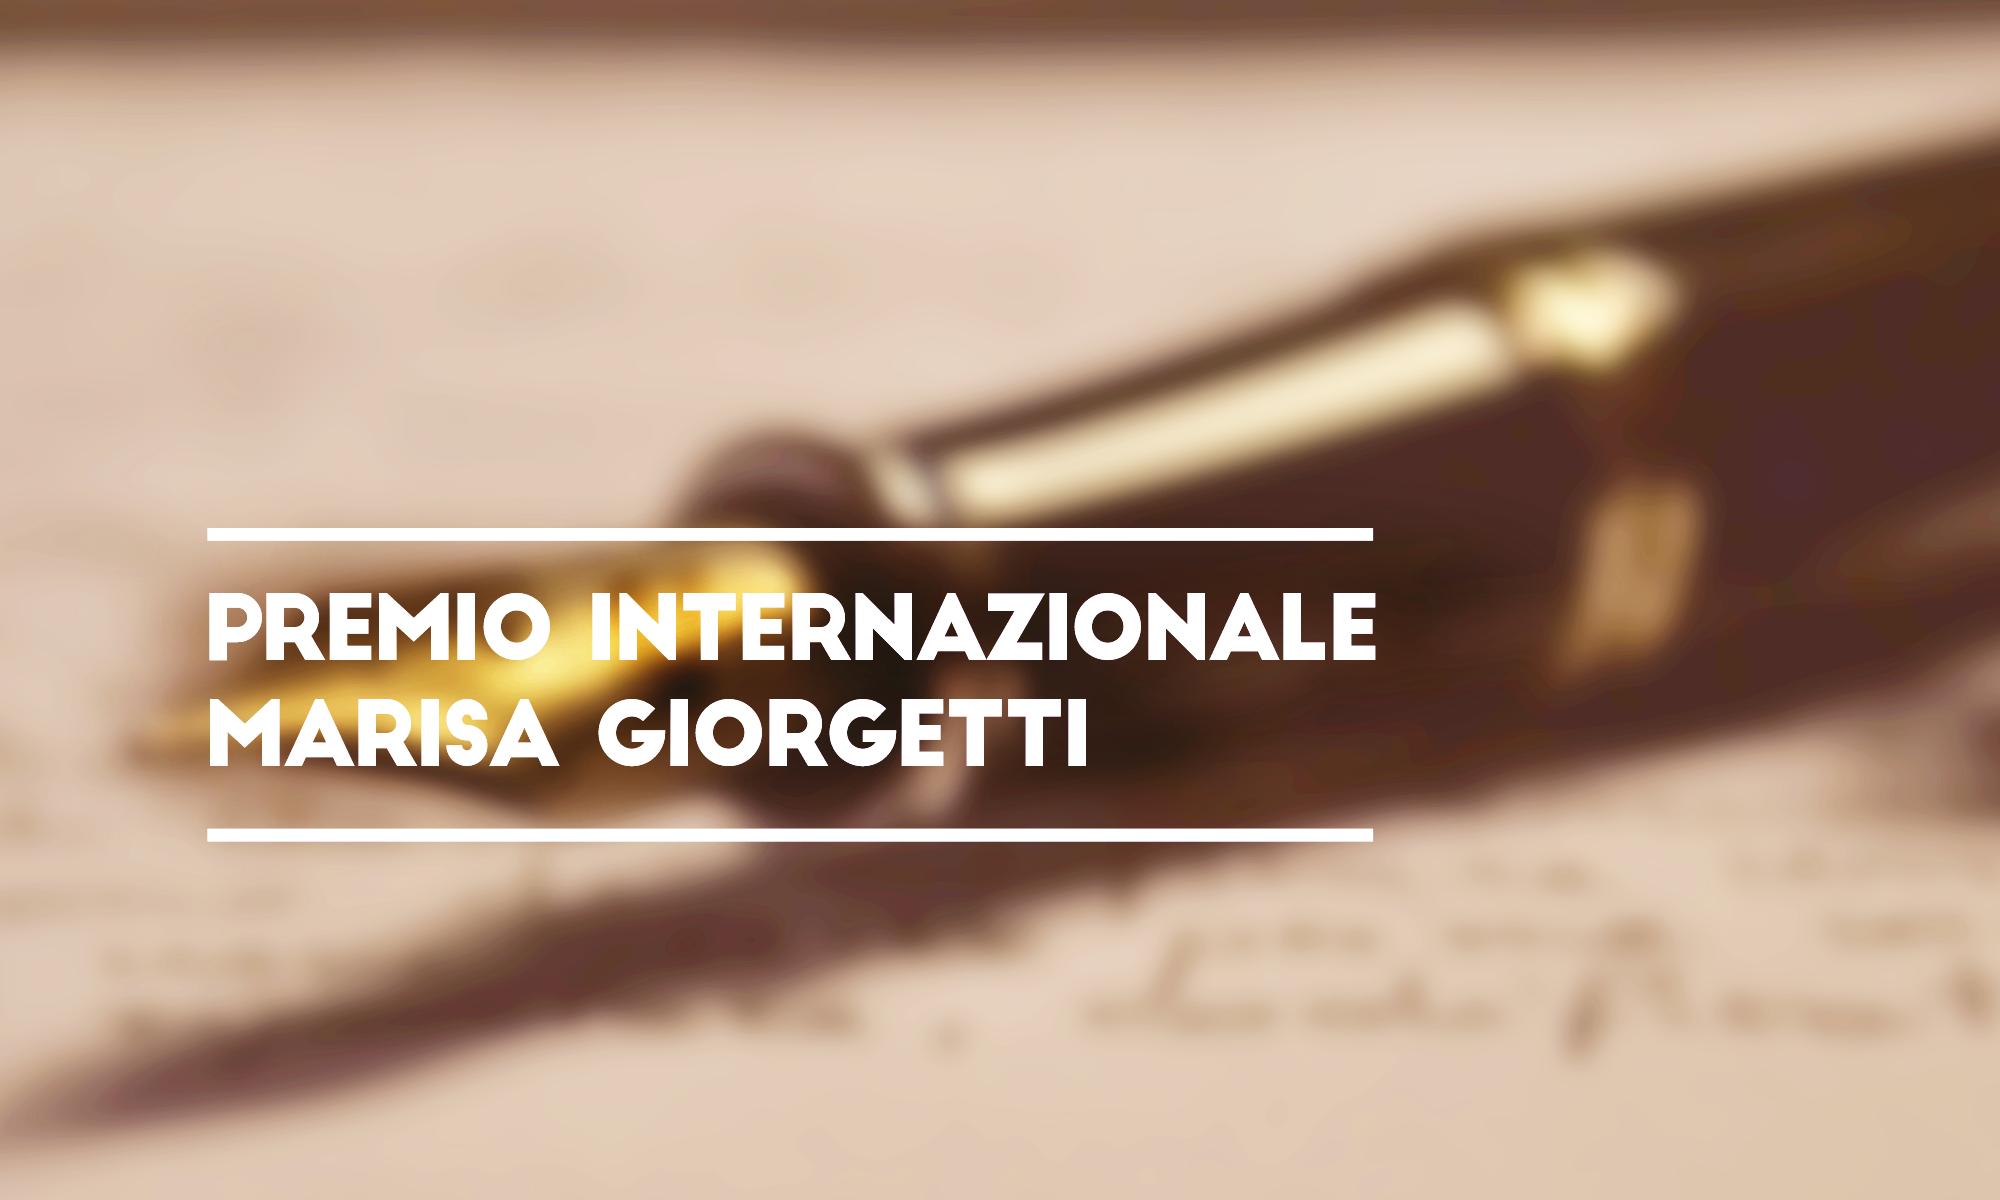 (Italiano) Premio Internazionale Marisa Giorgetti